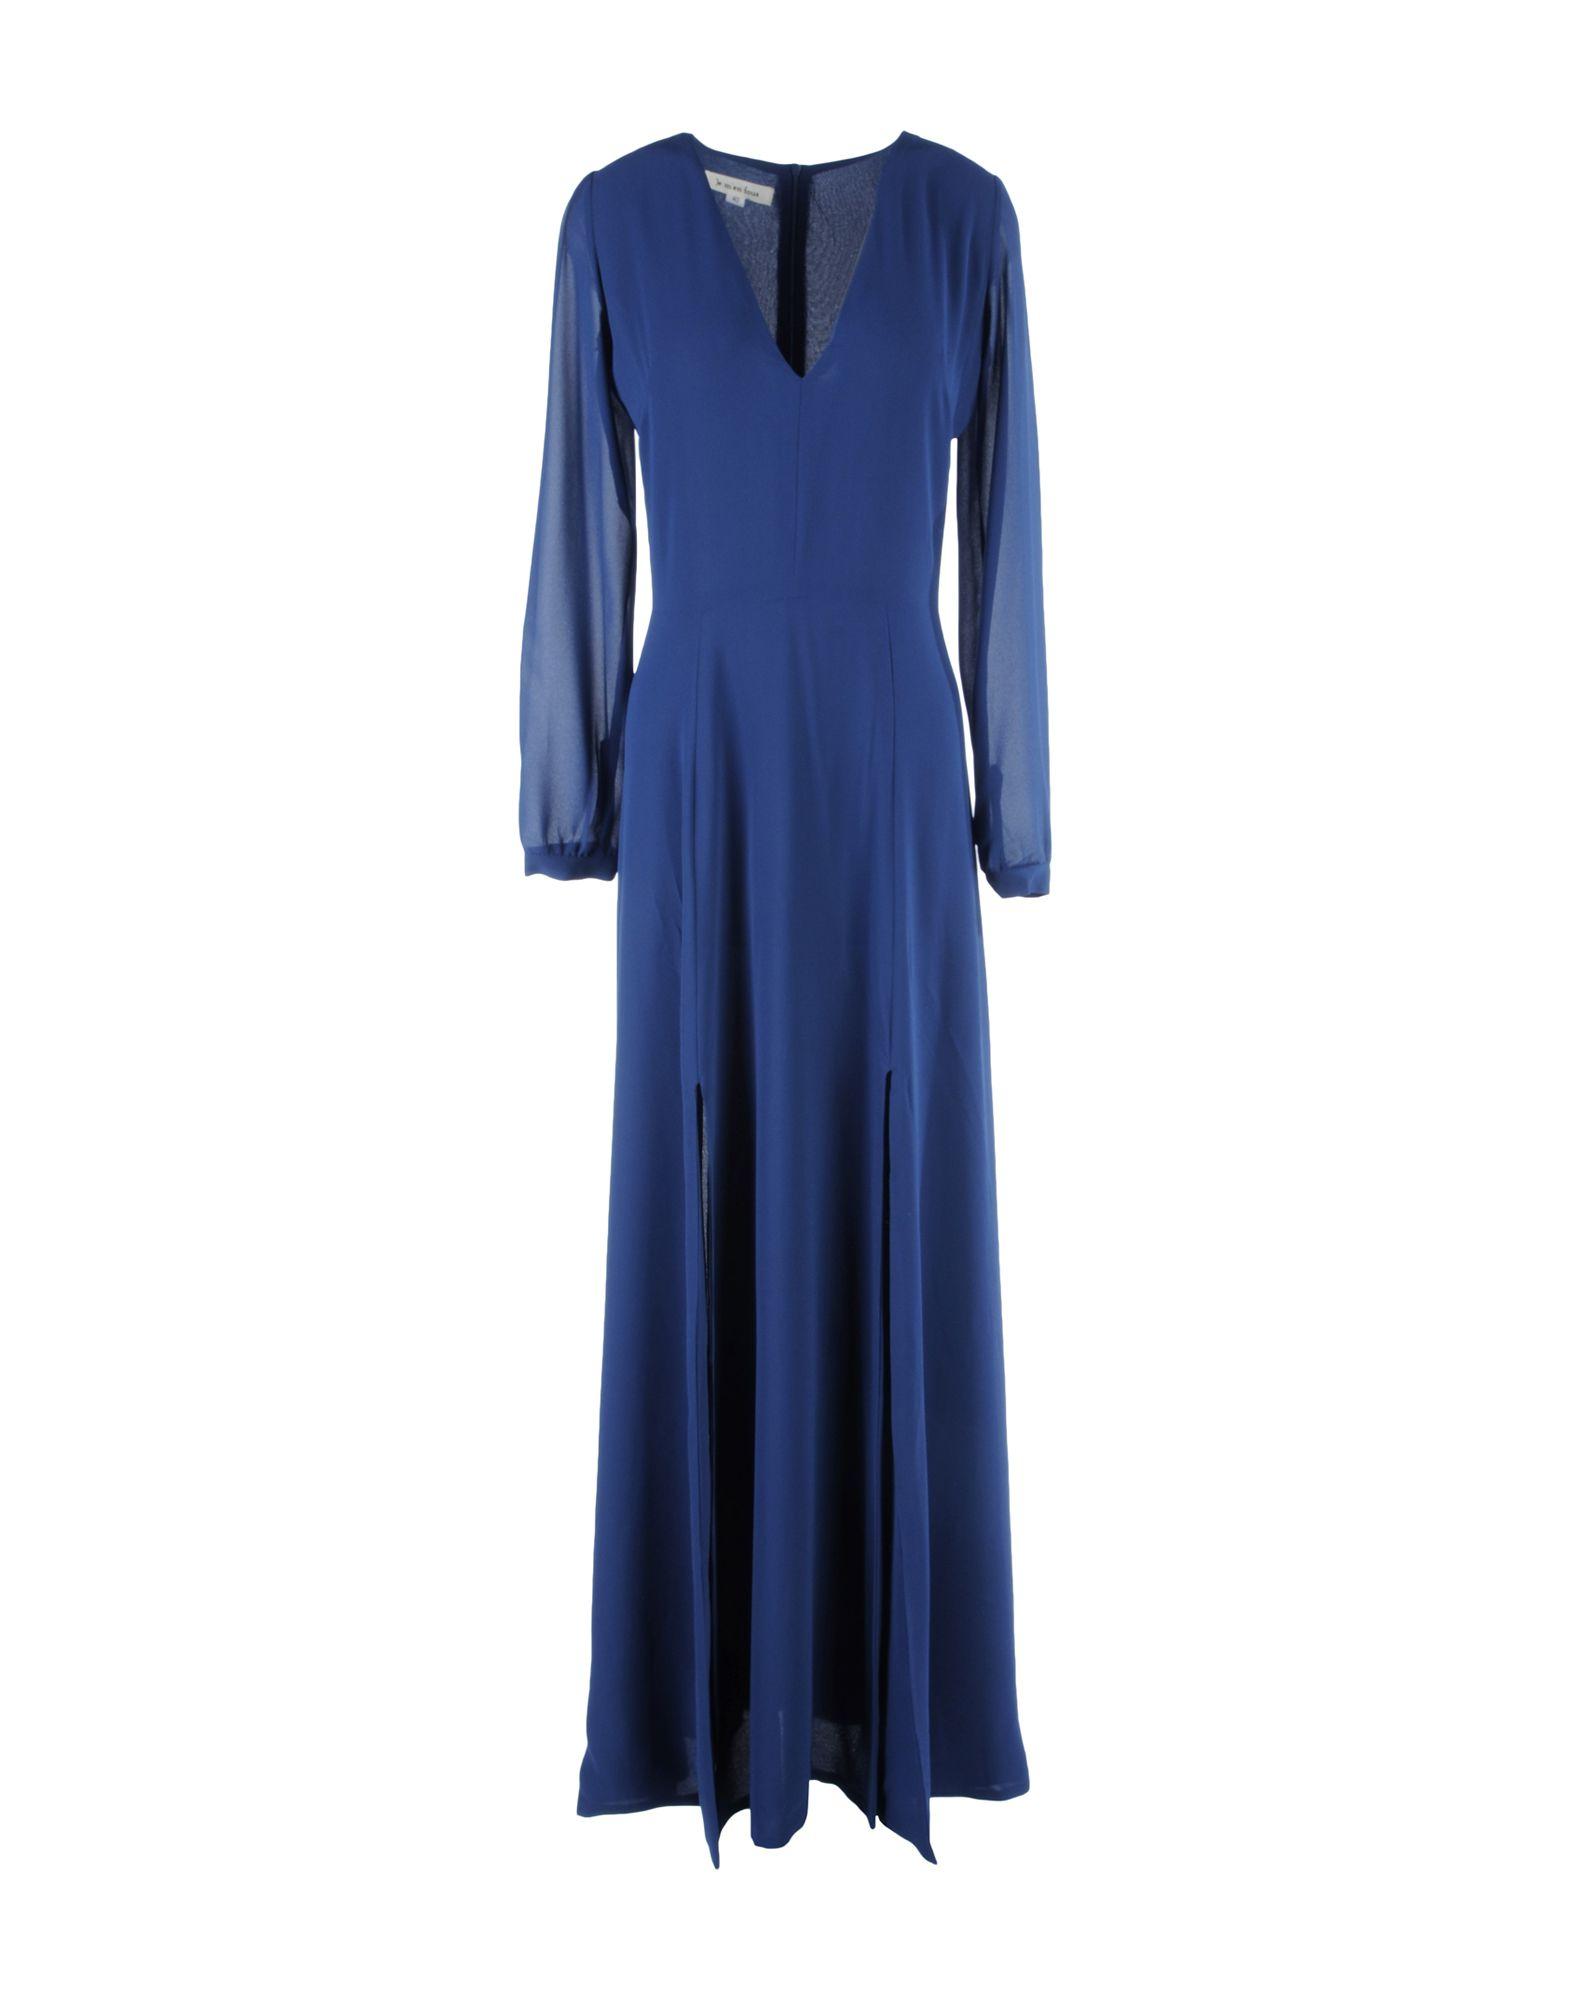 JE M'EN FOUS Длинное платье платье короткое спереди длинное сзади летнее